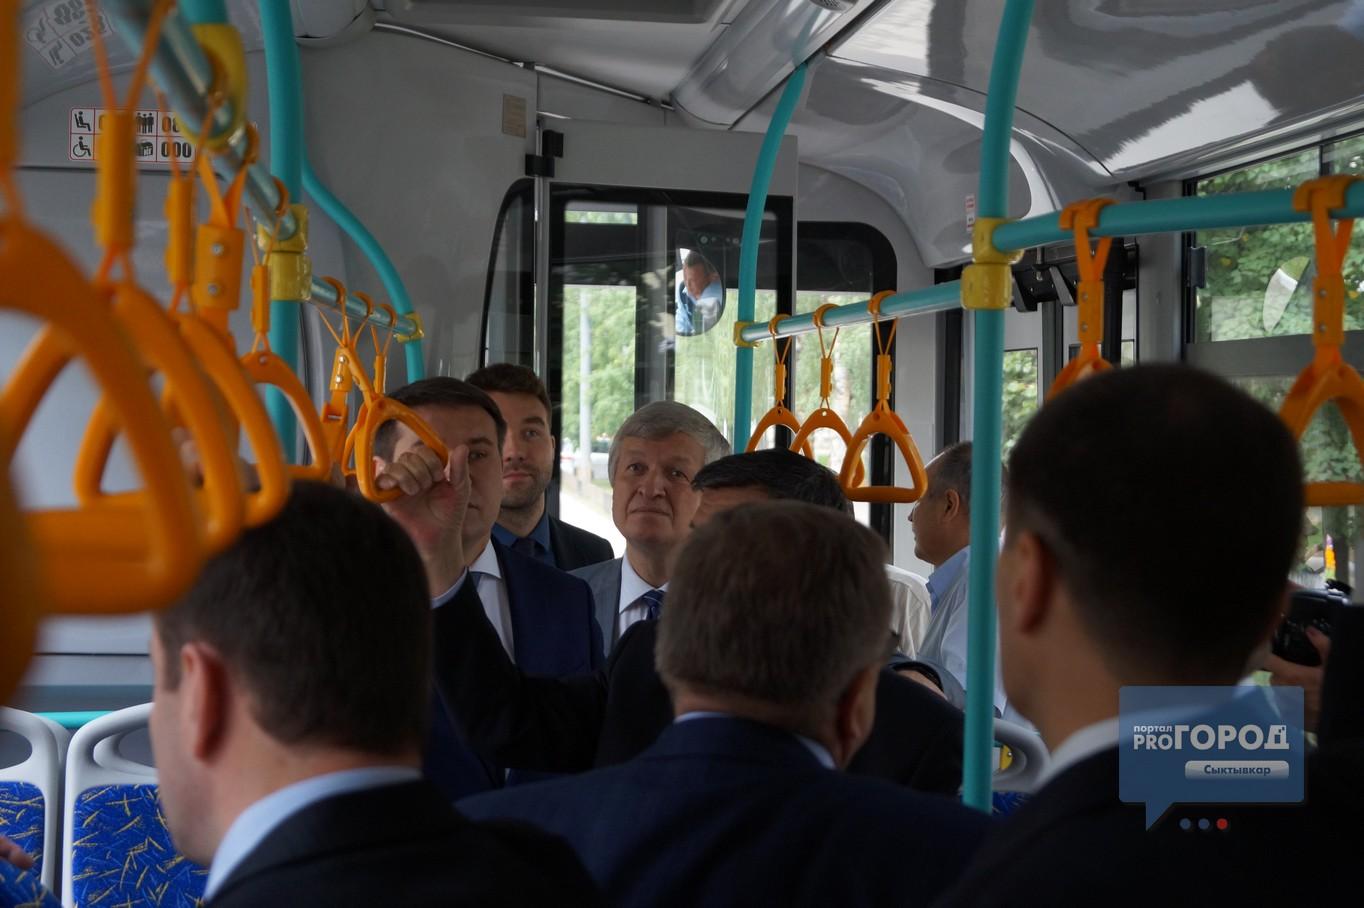 Статьи про секс в автобусе когда много народа 6 фотография